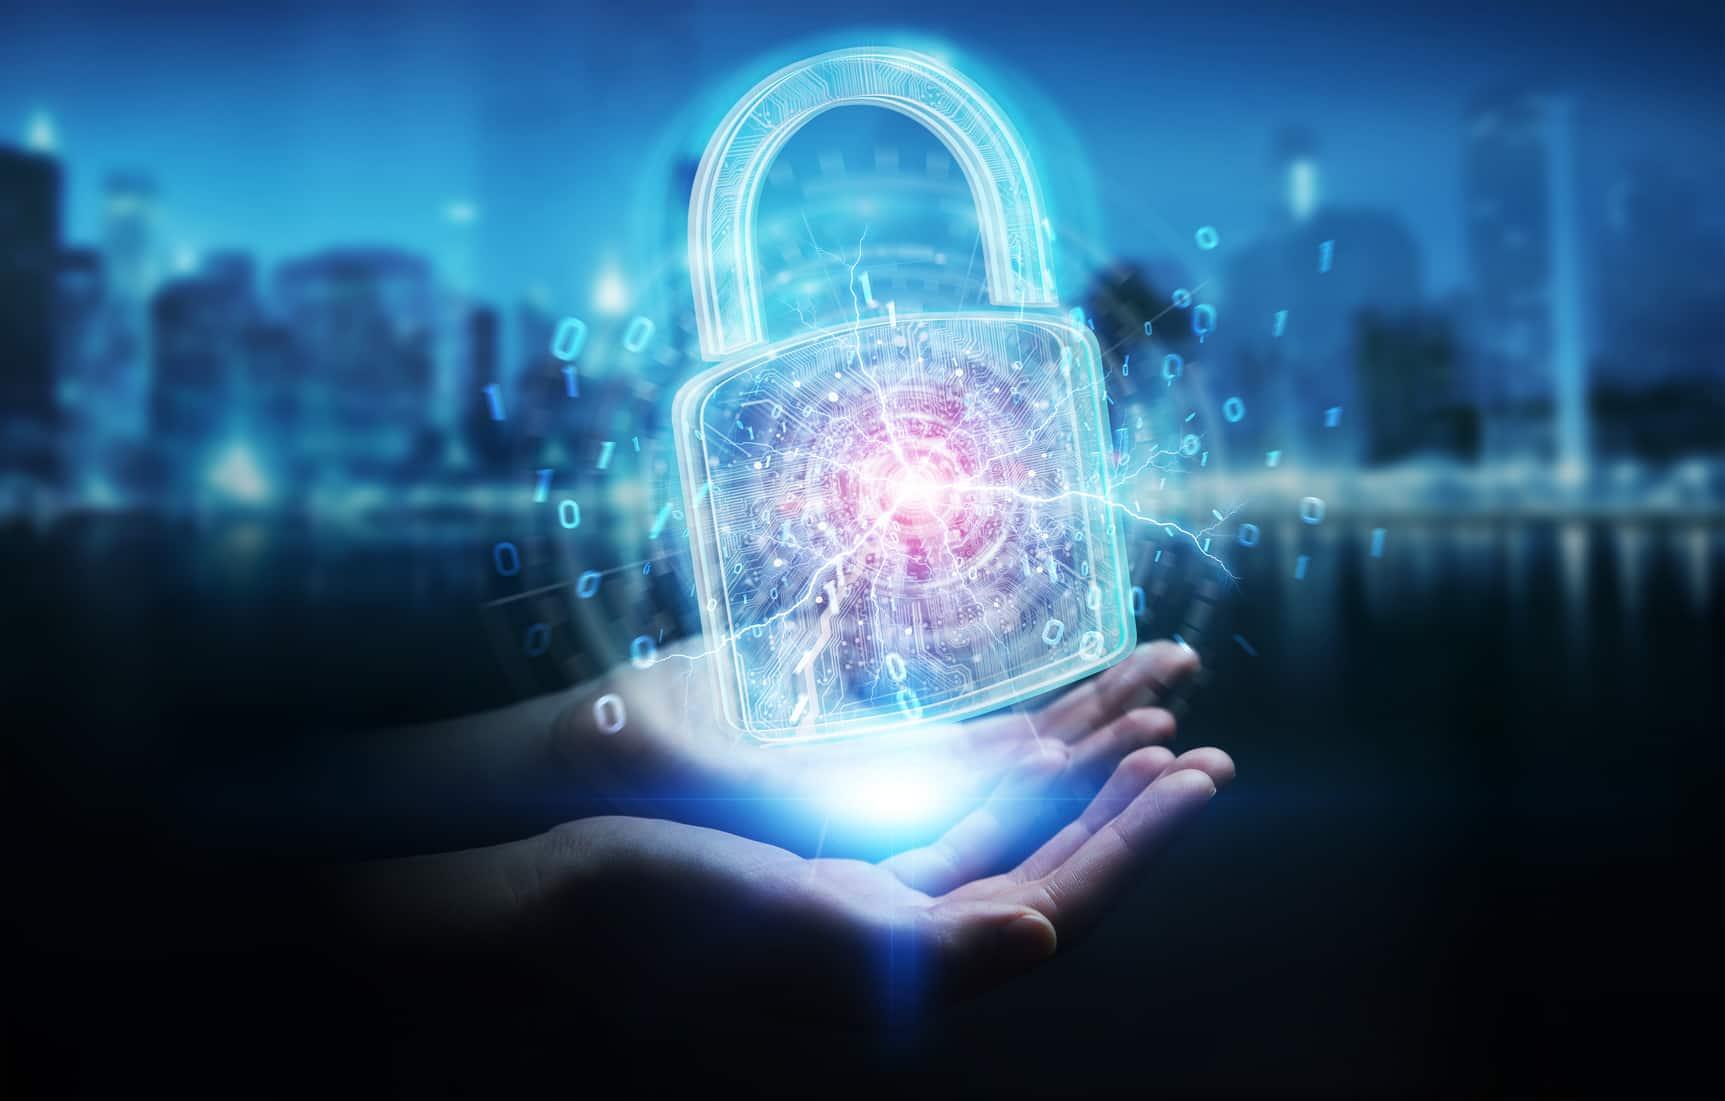 Fomentar la interoperabilidad entre las distintas instituciones de gobierno y utilizar el blockchain para mejorar la rendición de cuentas son claves que debe atender el gobierno de AMLO.